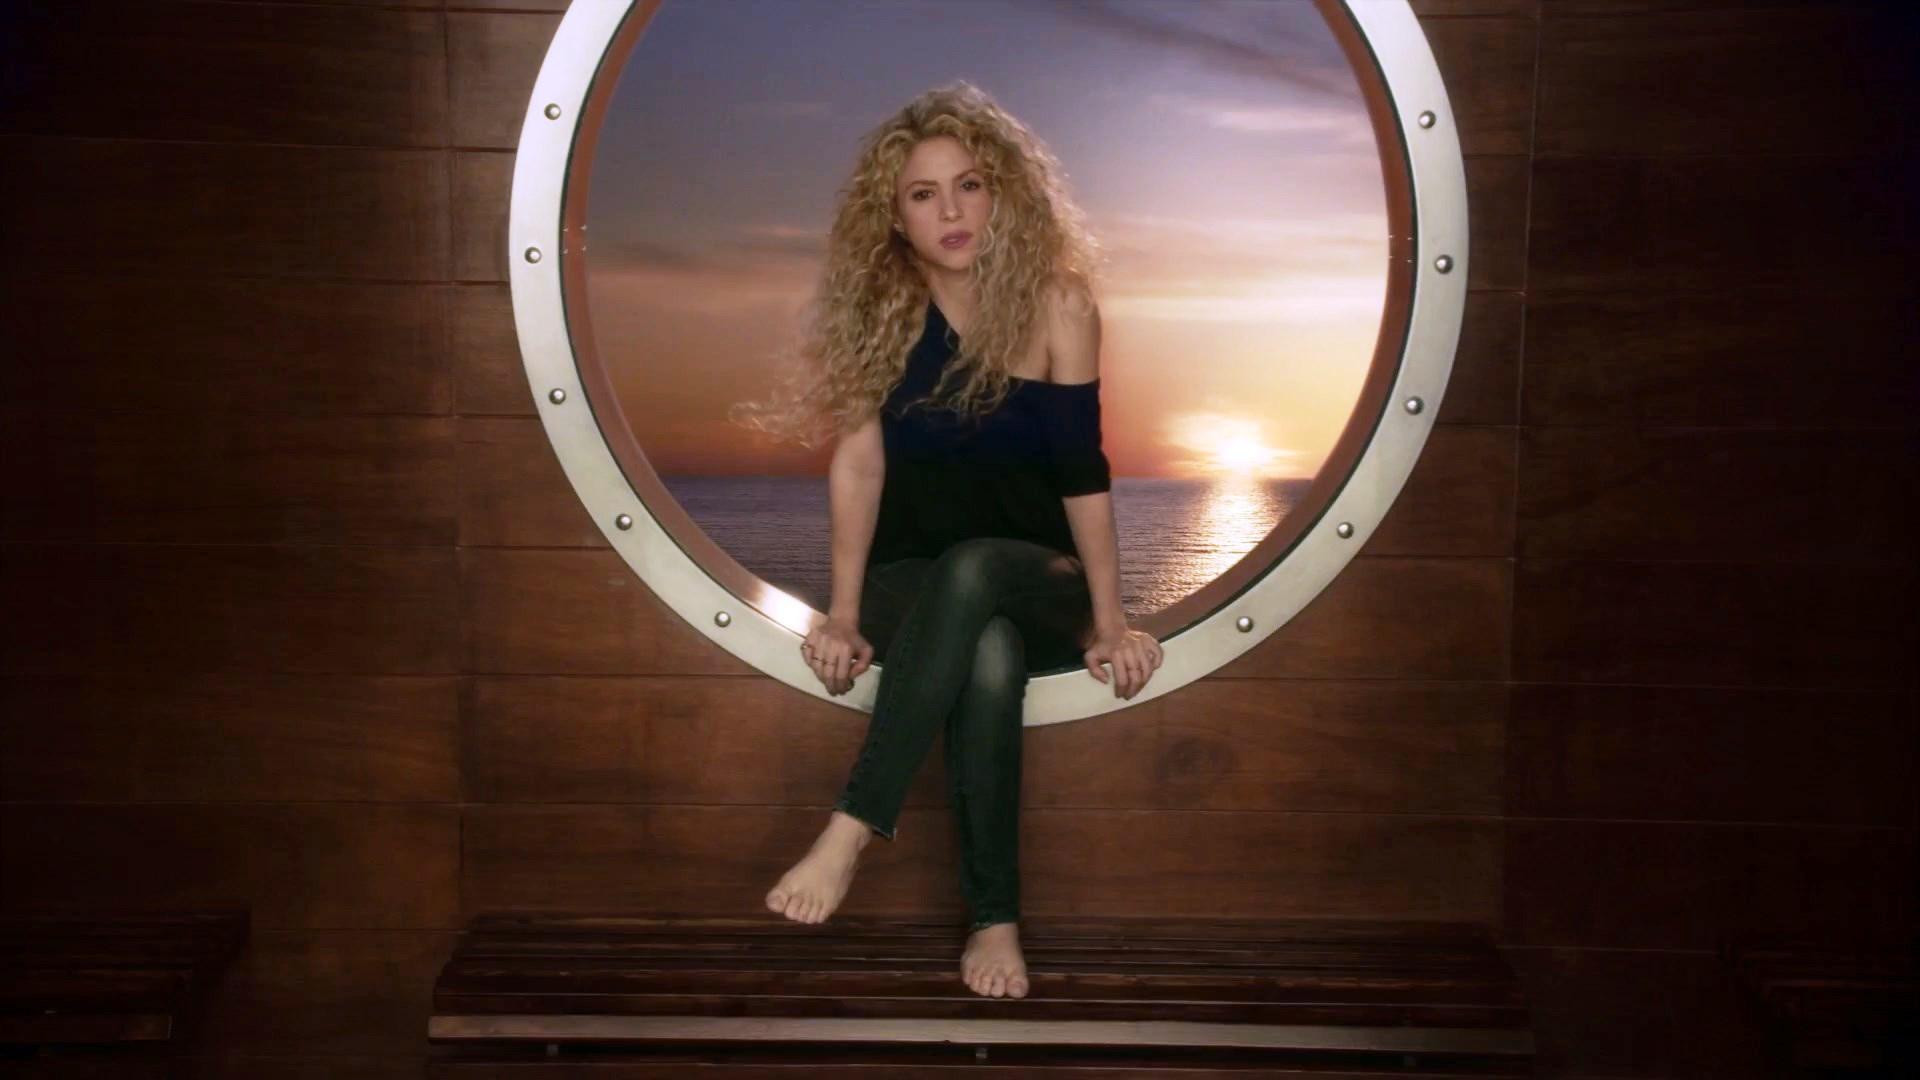 https://pics.wikifeet.com/Shakira-Feet-3161054.jpg